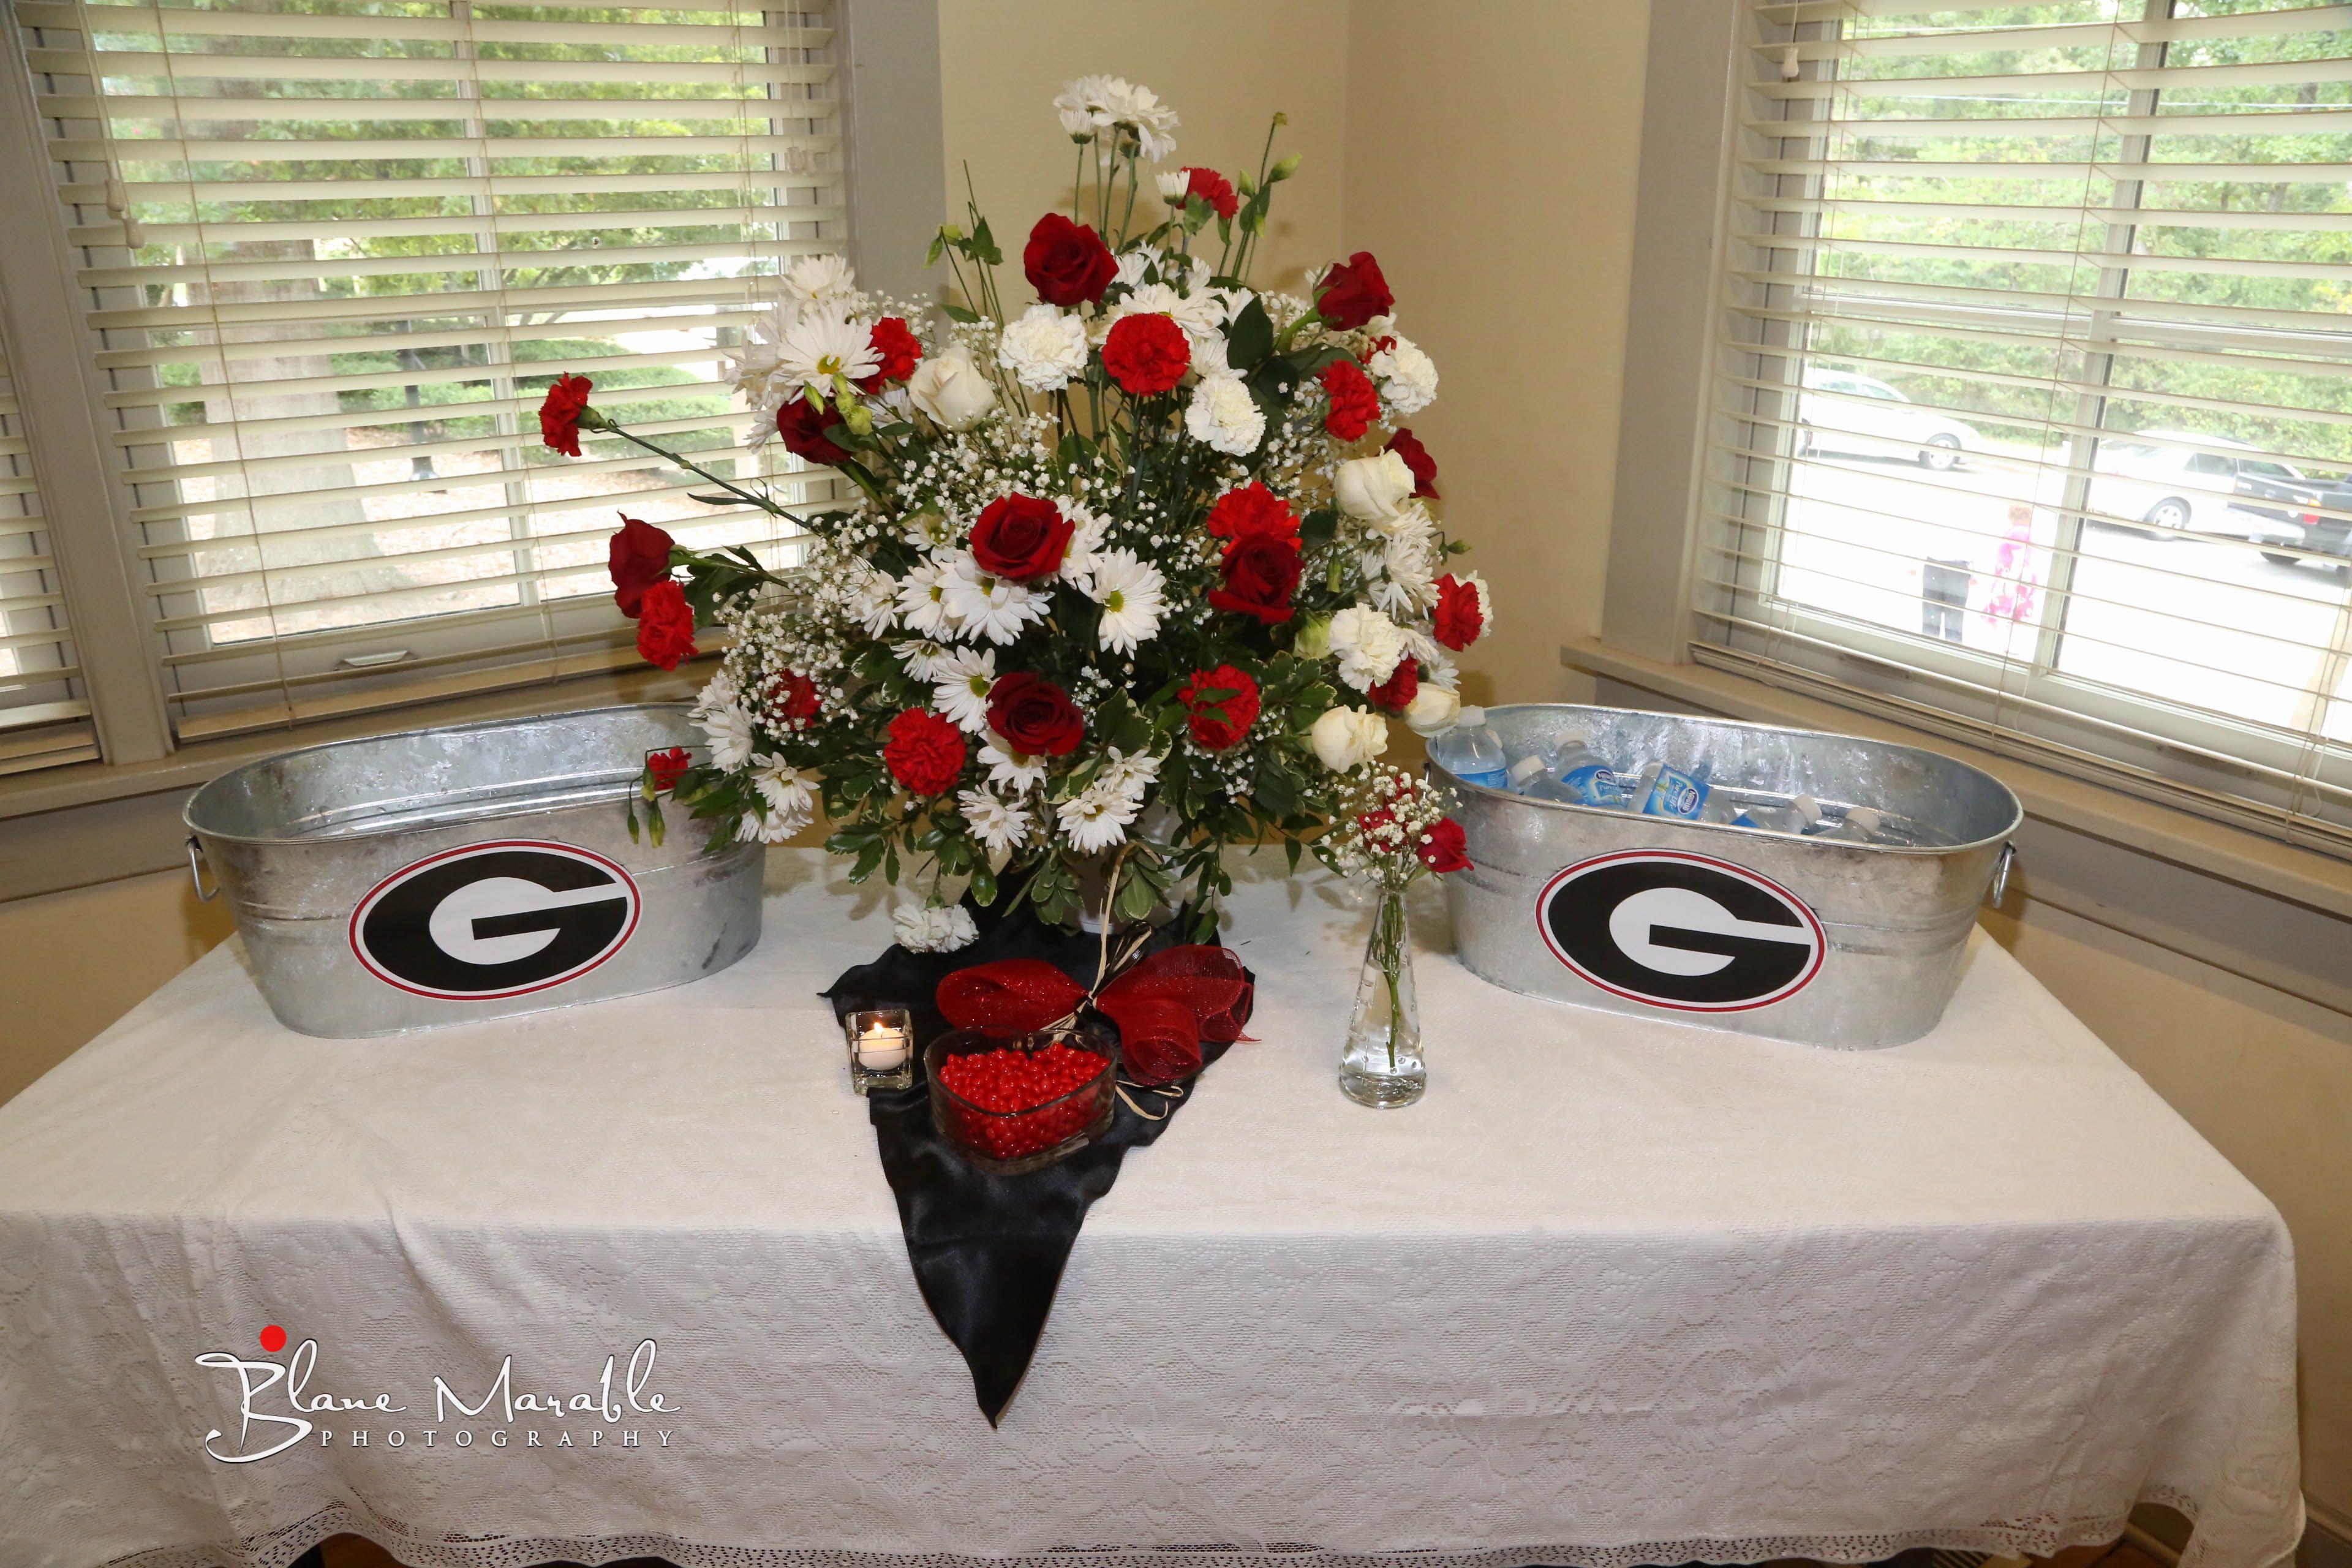 UGA Bulldawg theme wedding. Blane Marable Wedding